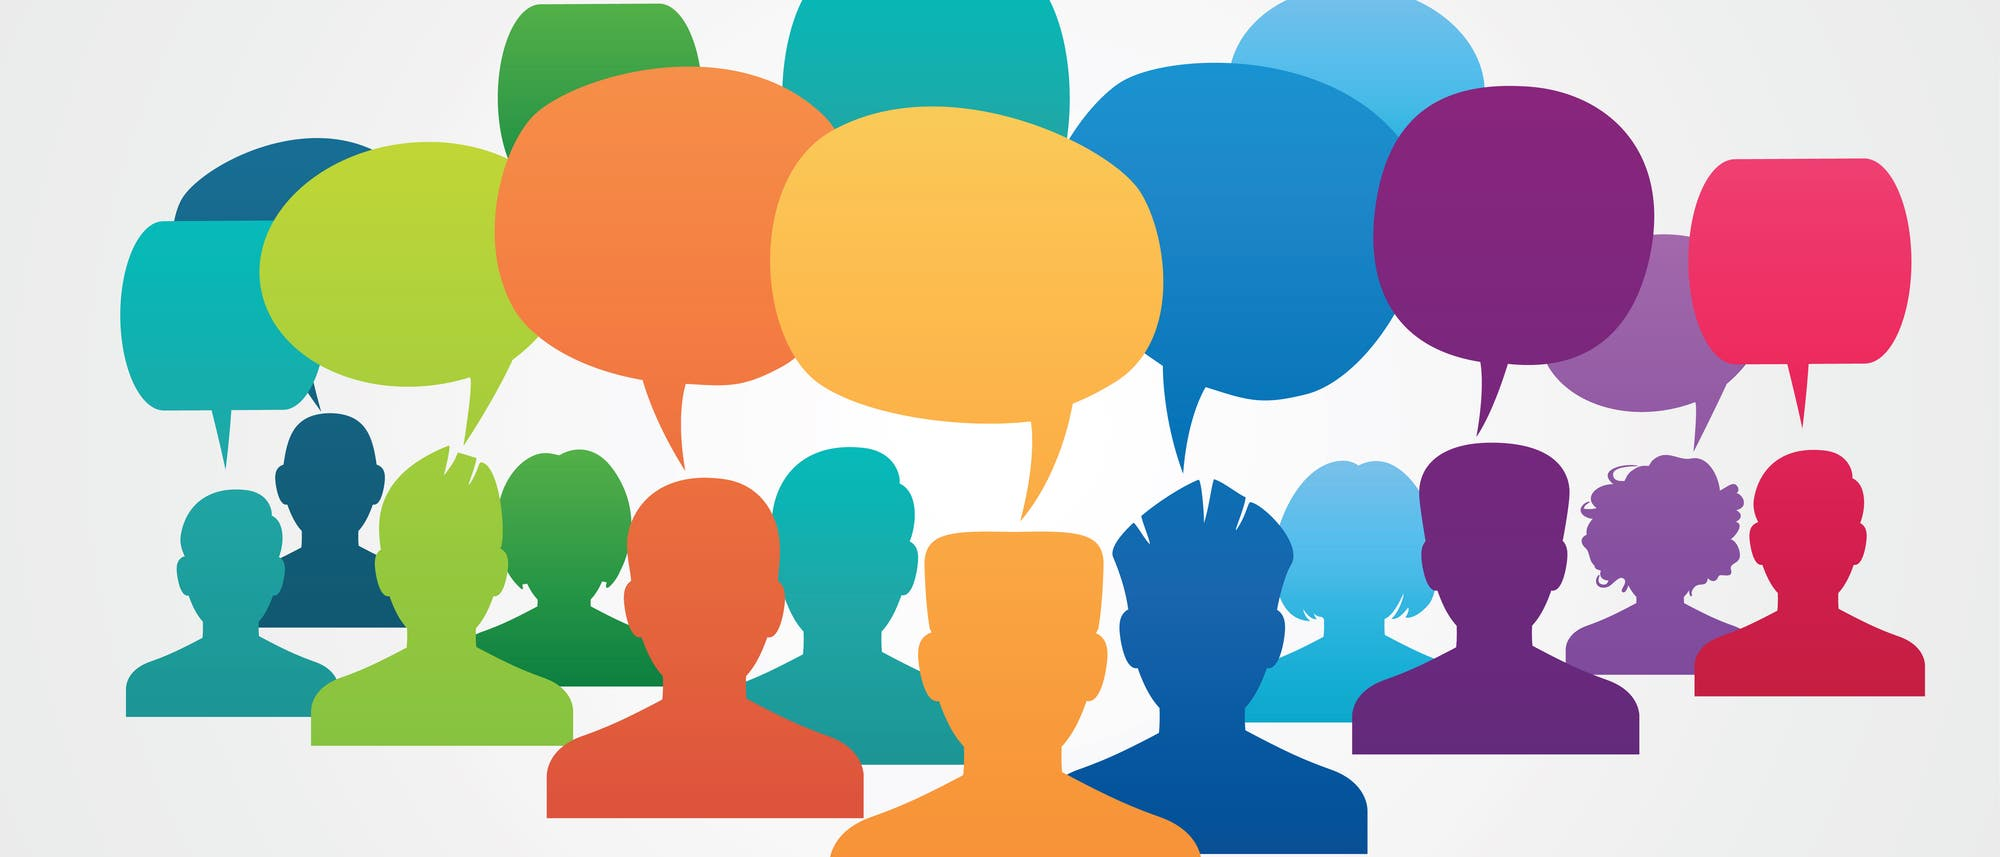 Eine Gruppe von Porträt-Silhouetten in freundlichen, bunten Farben mit großen, völlig leeren Sprechblasen darüber. Das perfekte Sinnbild für Twitter.